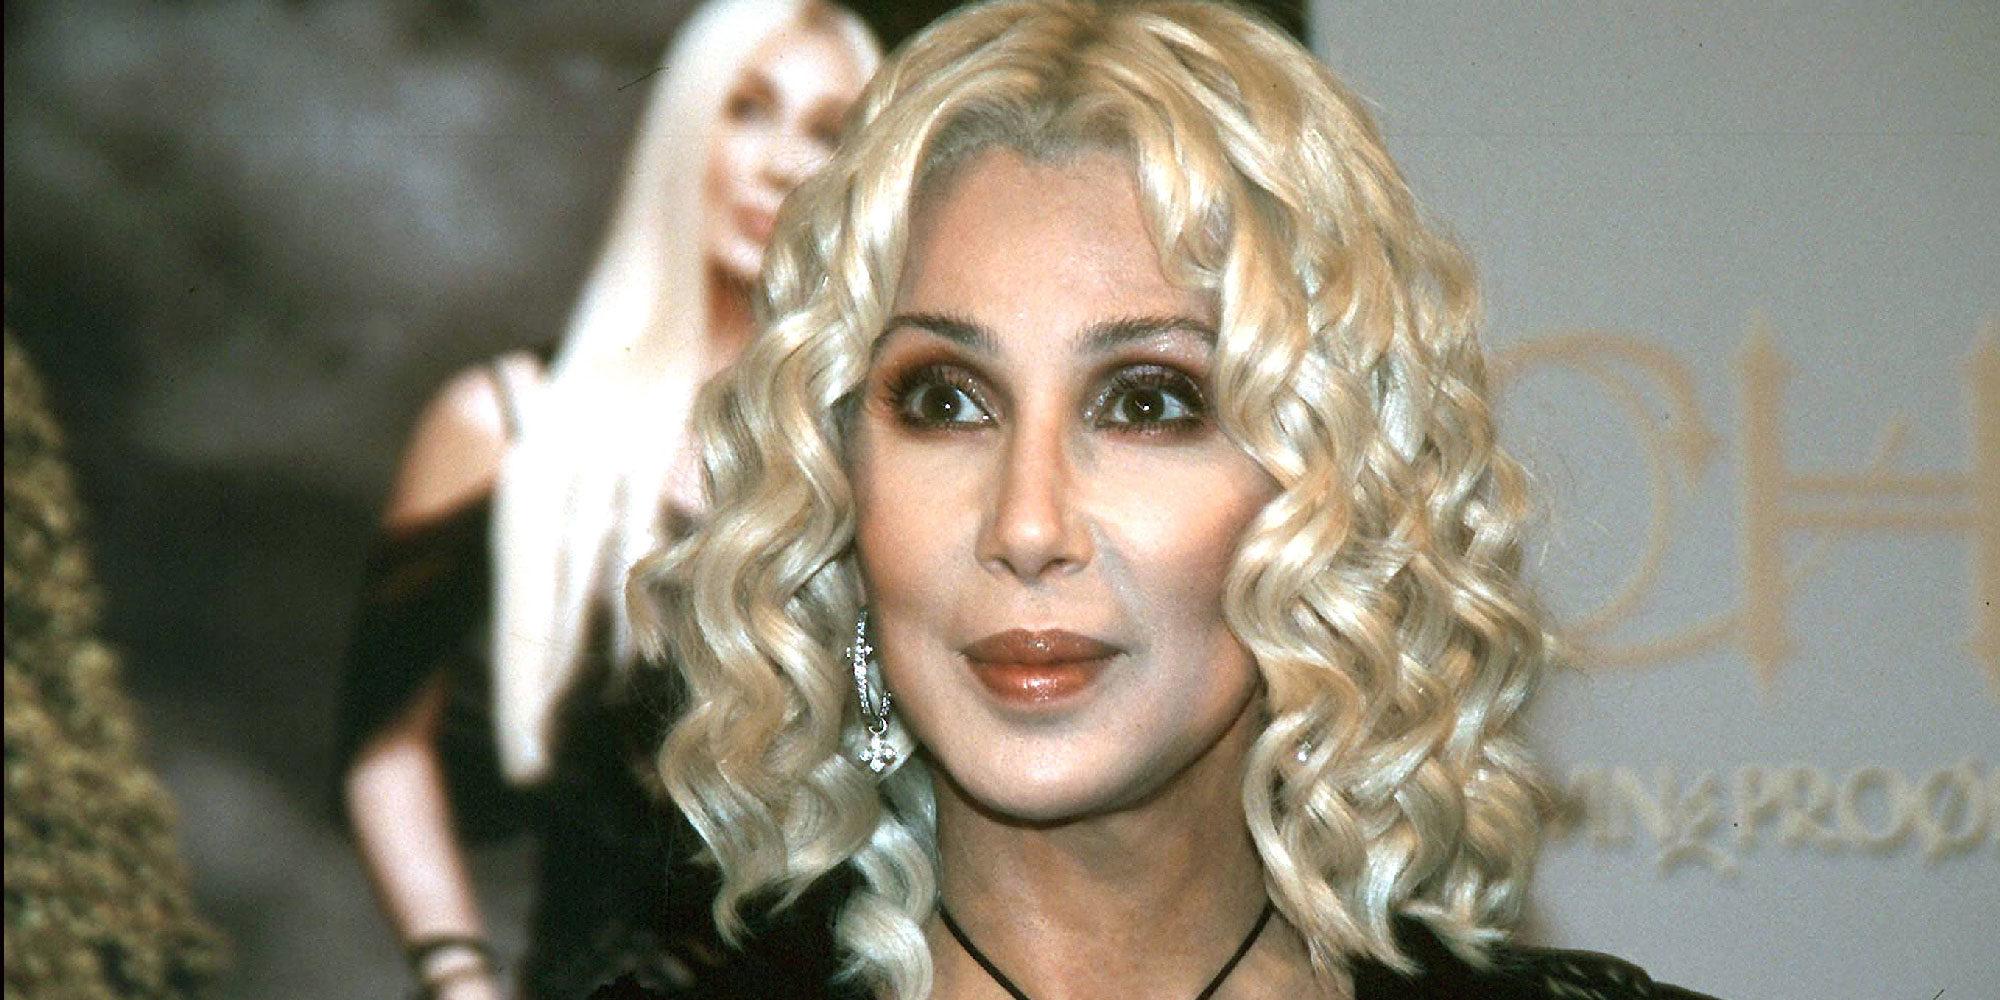 Cher comparte escenario con James Corden en su actuación de 'I got you bae'